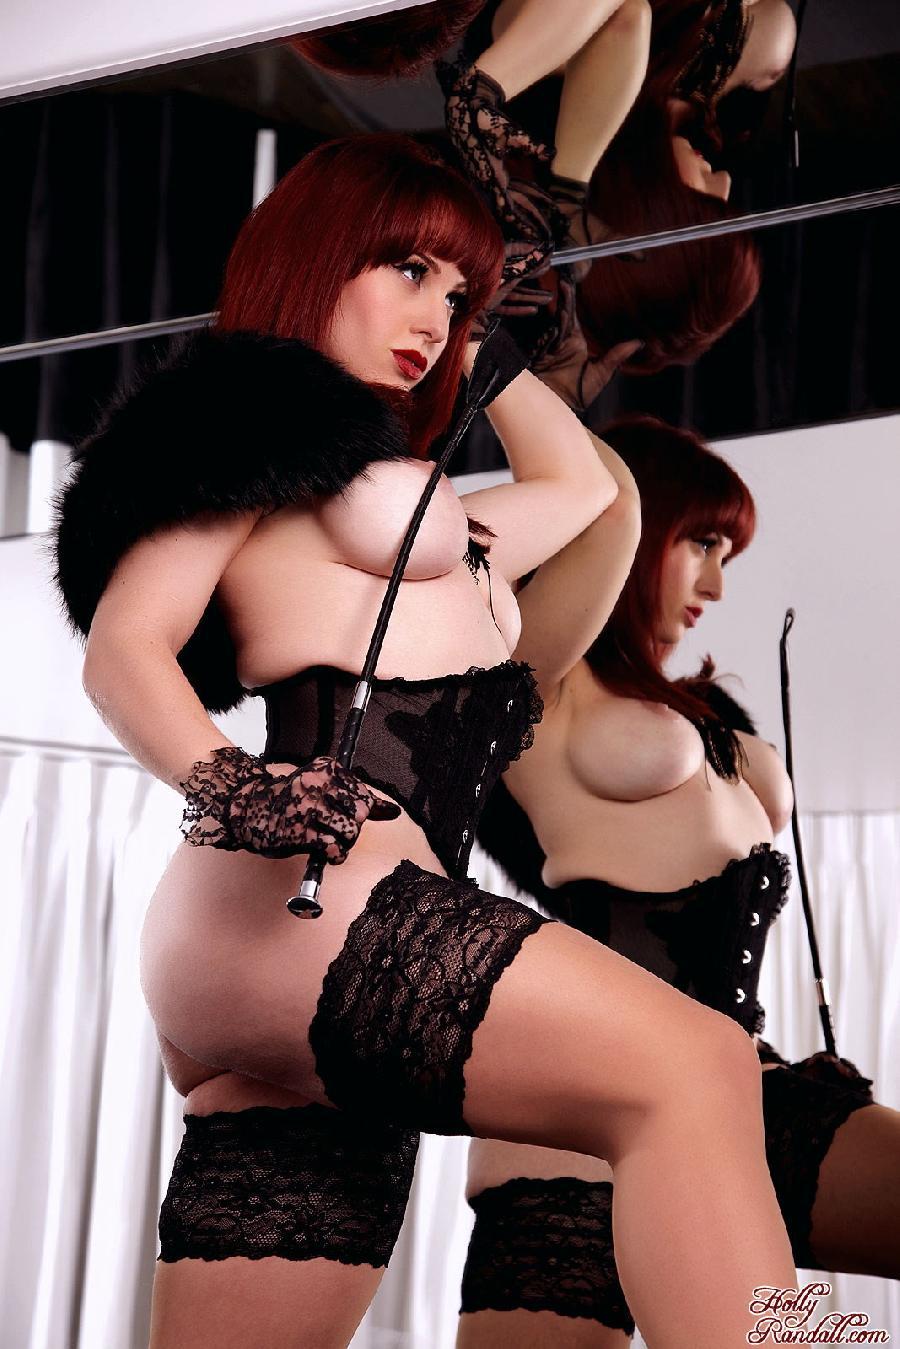 seks-vlastnaya-dama-gospozha-foto